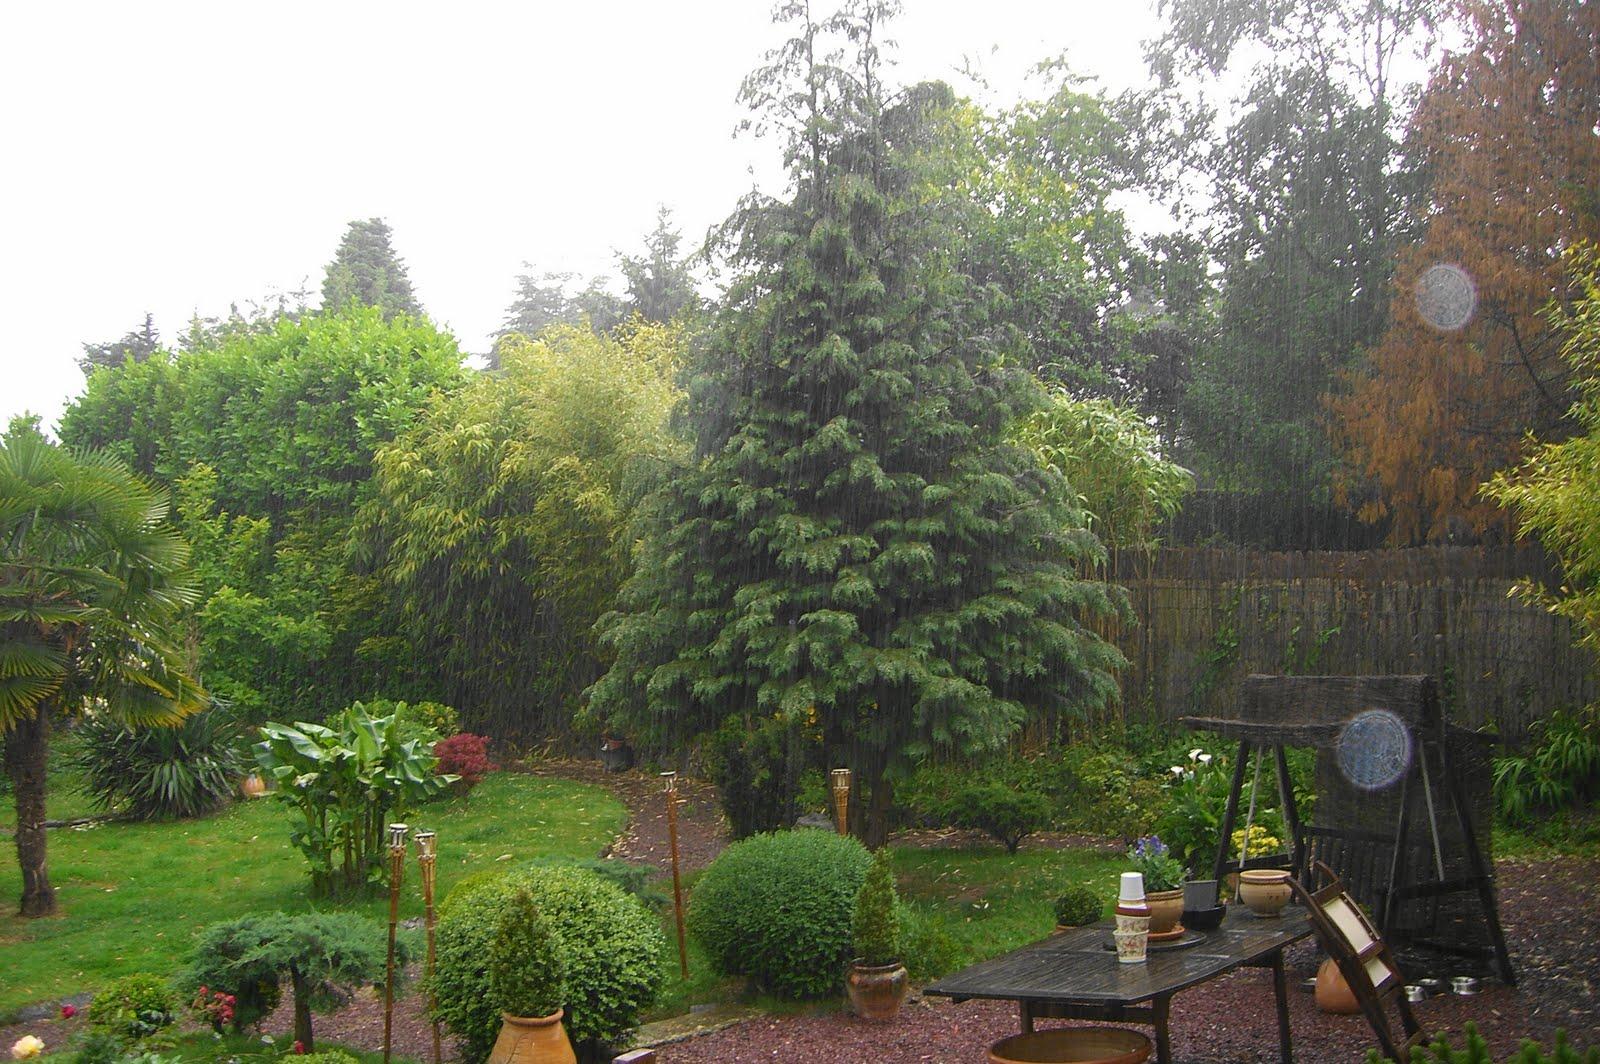 Il pleut en normandie comme vache qui pisse - Il pleut dans ma maison ...